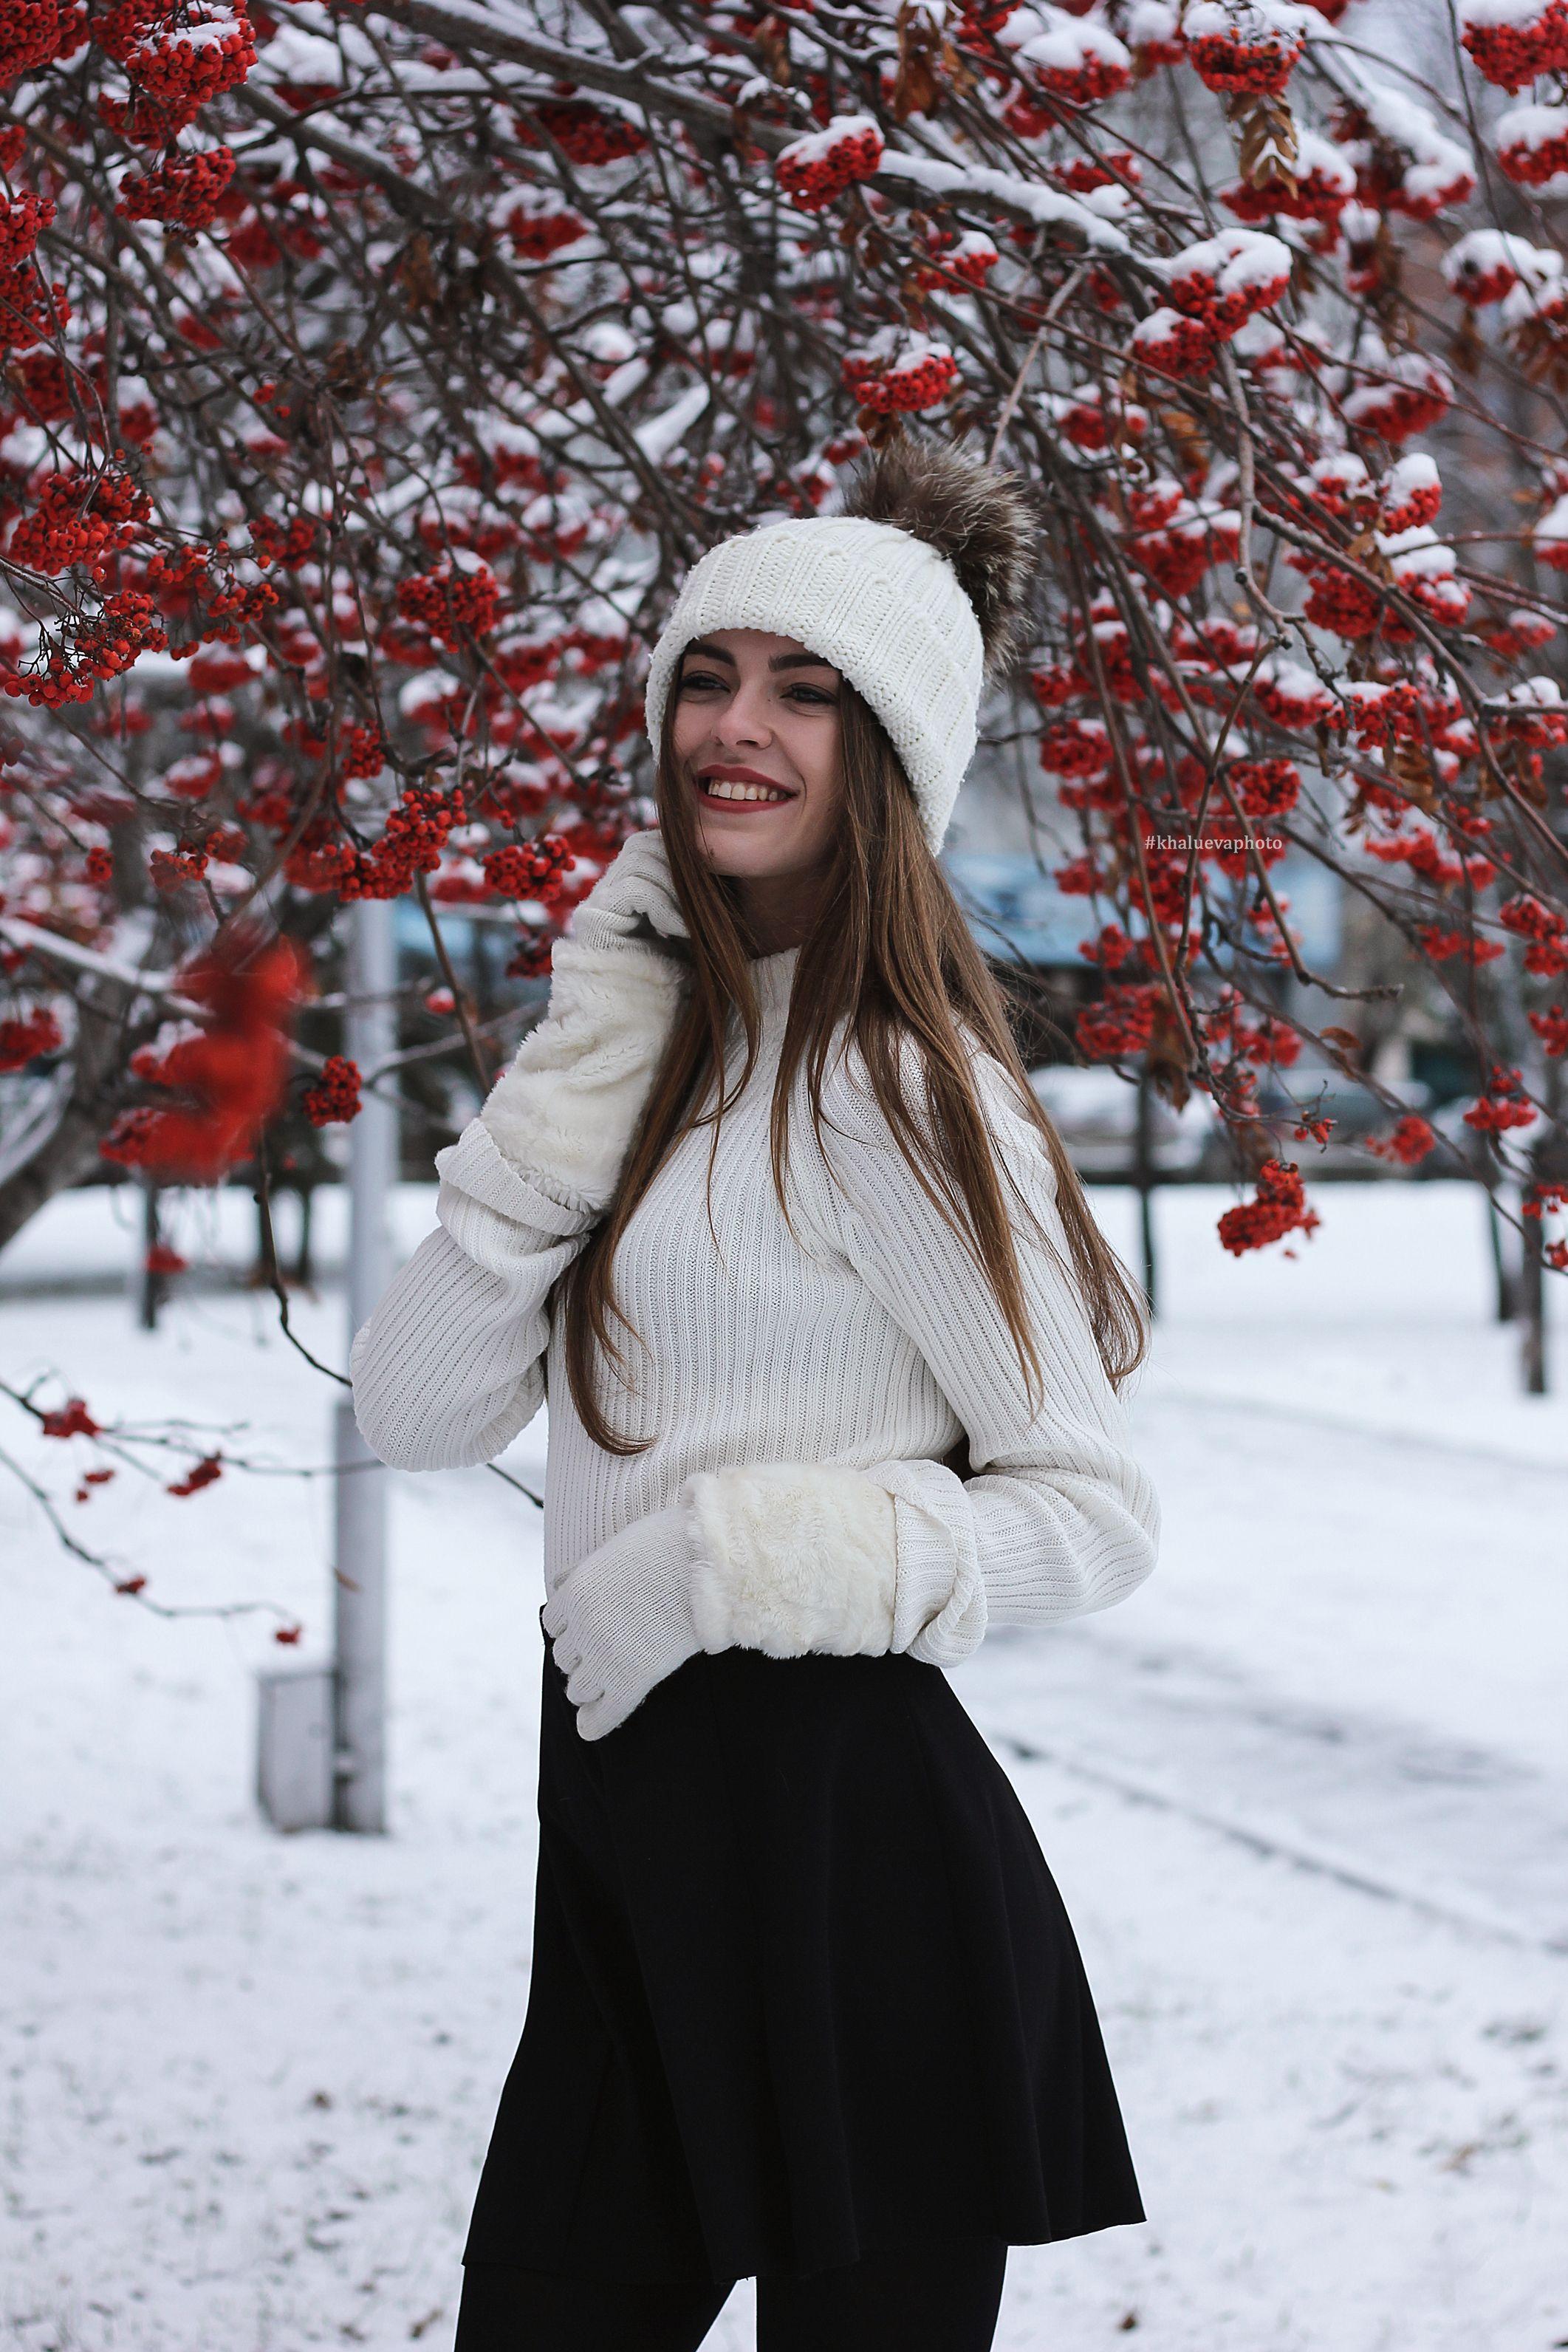 Примеры фото в зимнем парке